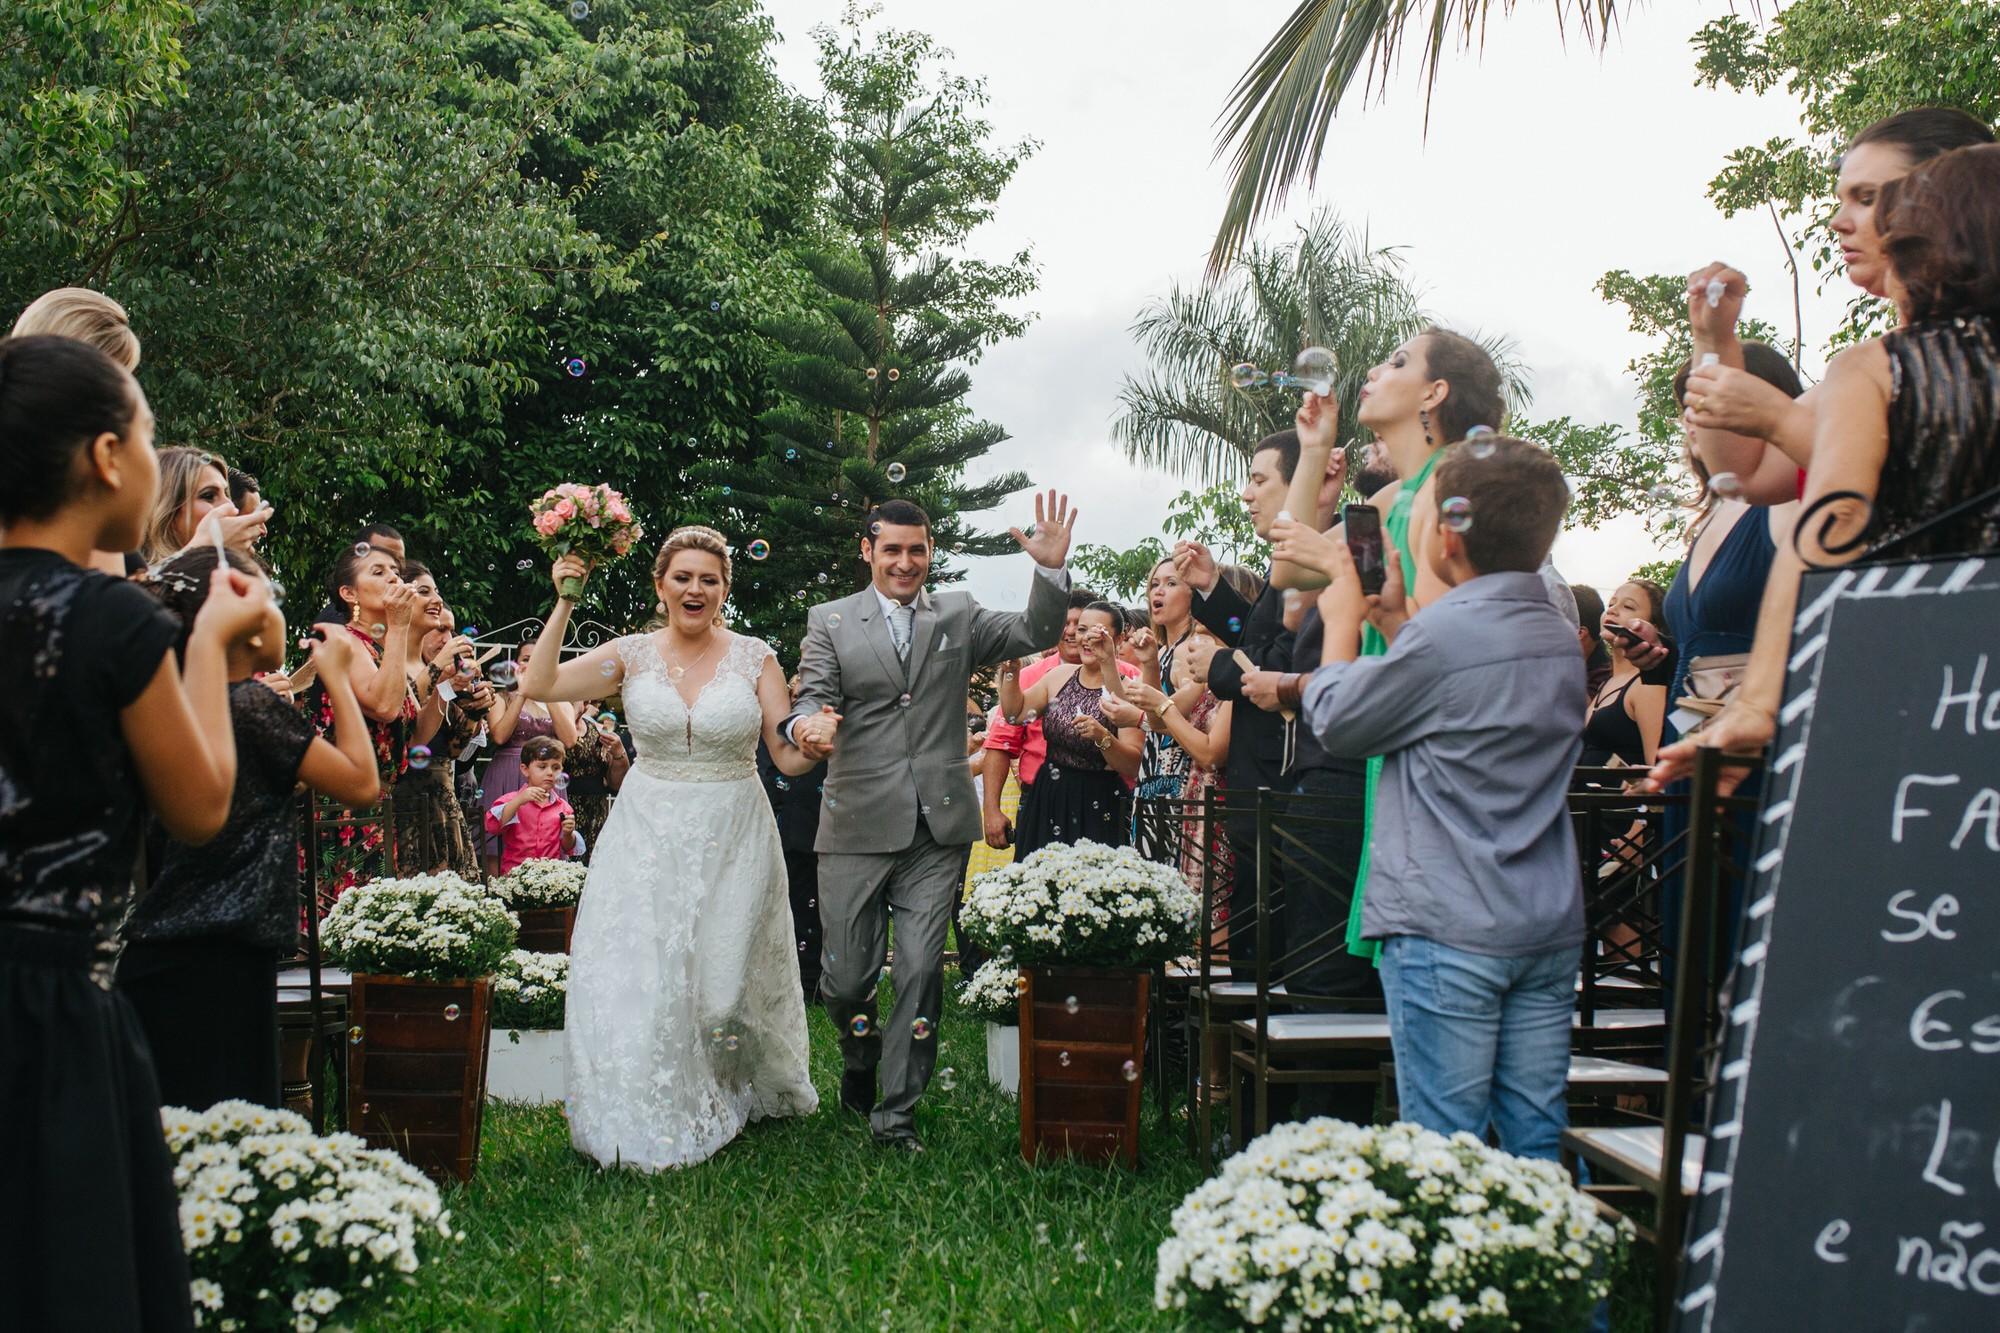 Fabio e Gisele - Casamento em Mundo Novo - MS por Lorran Souza e Léia Sotile - fotografo de casamentos - 00025